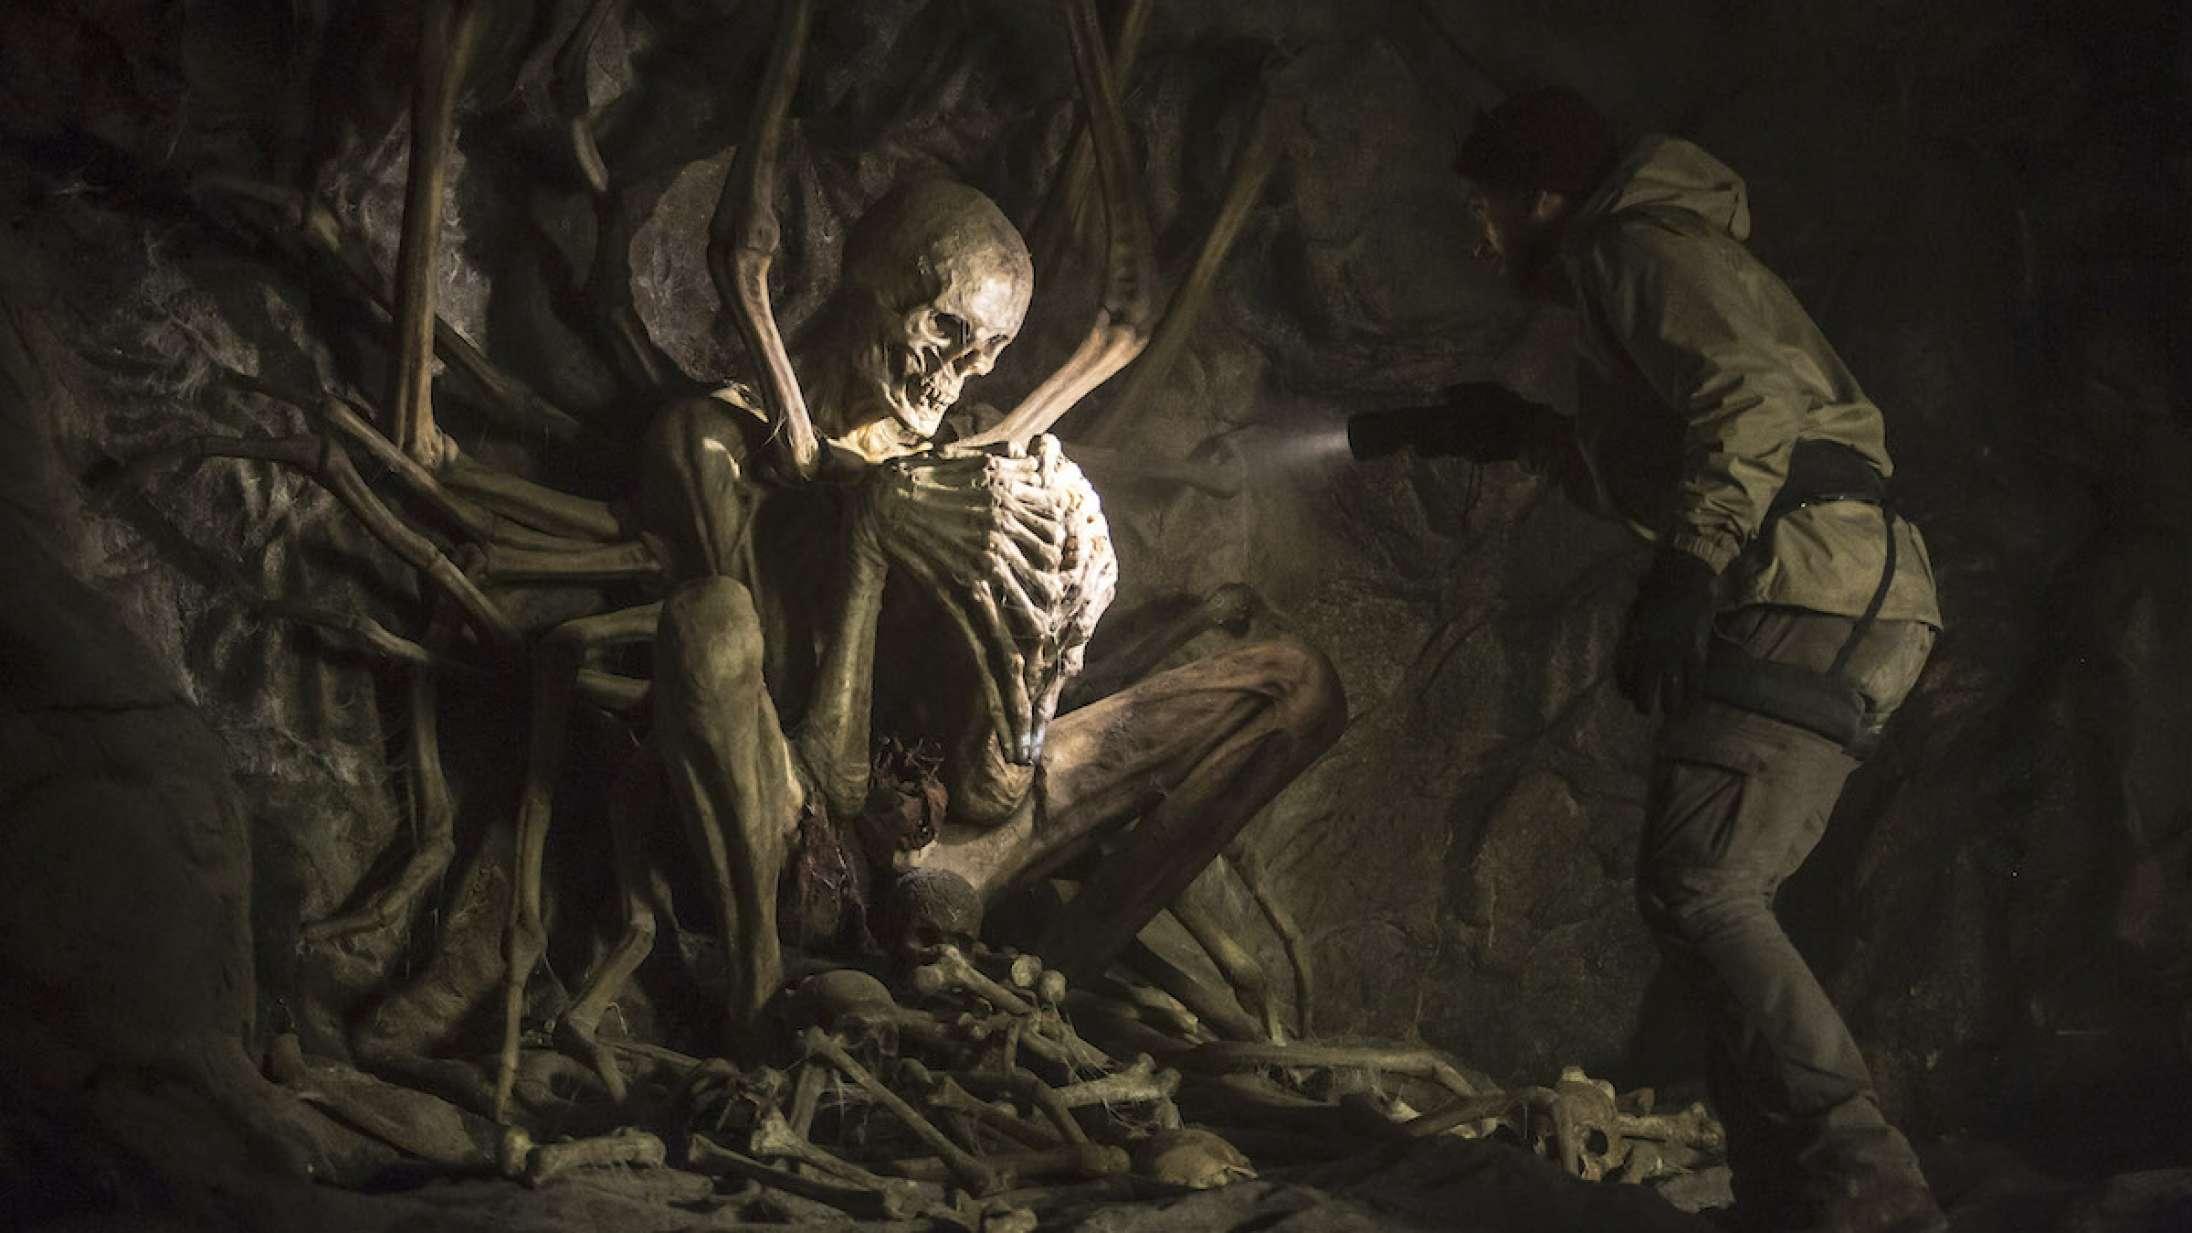 'The Empty Man': Ambitiøs horrorfilm har fået kultstatus – især takket være de første 20 minutter